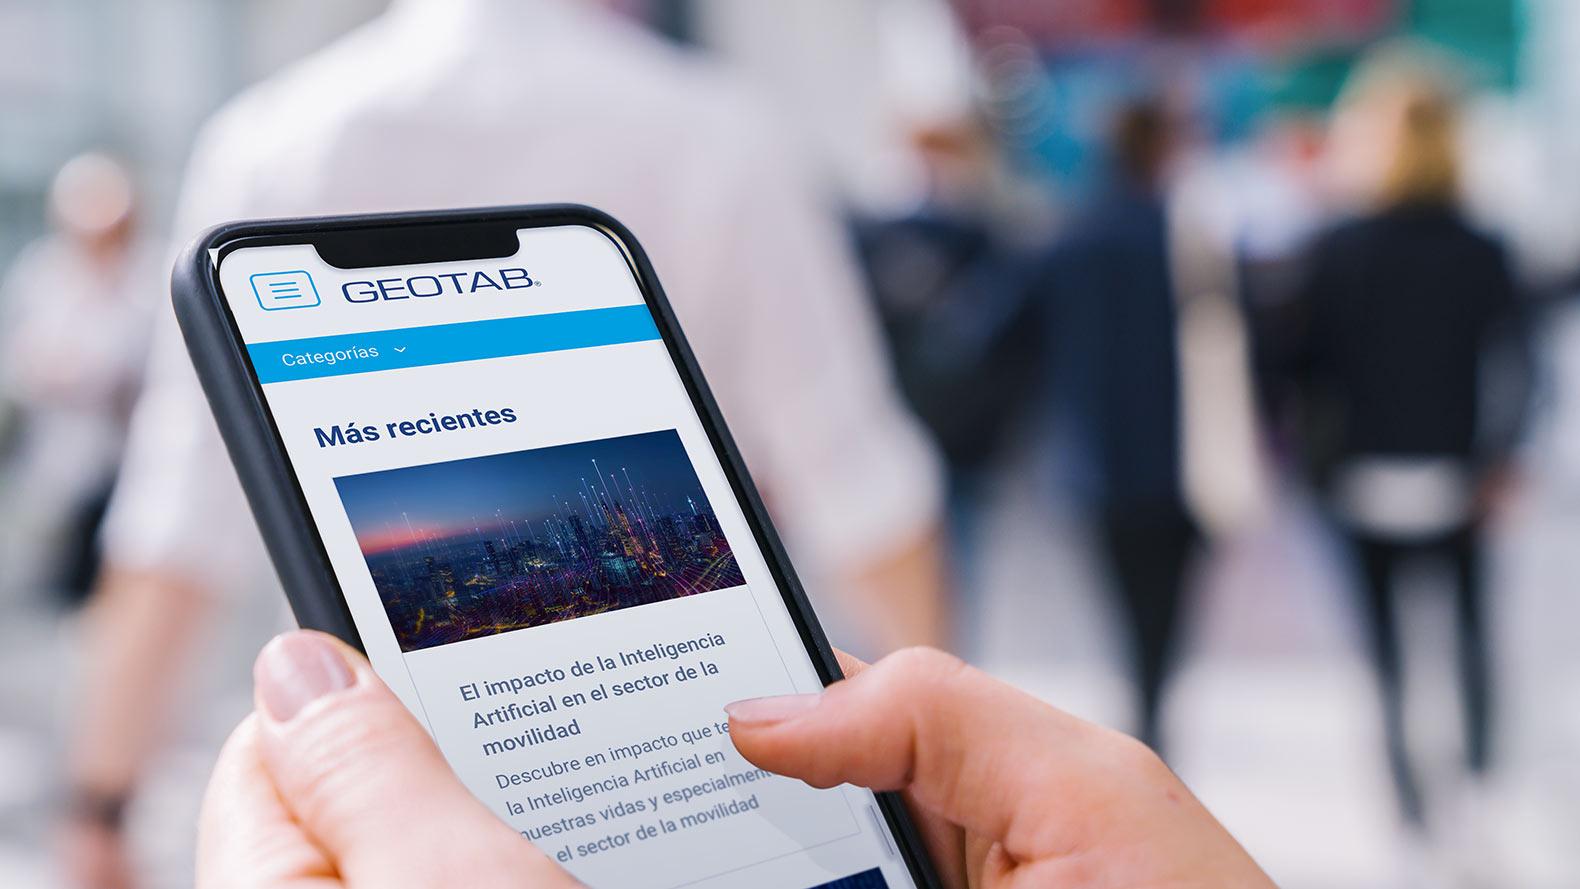 100,000 suscriptores de soluciones telemáticas y contando: Geotab reafirma su presencia en México